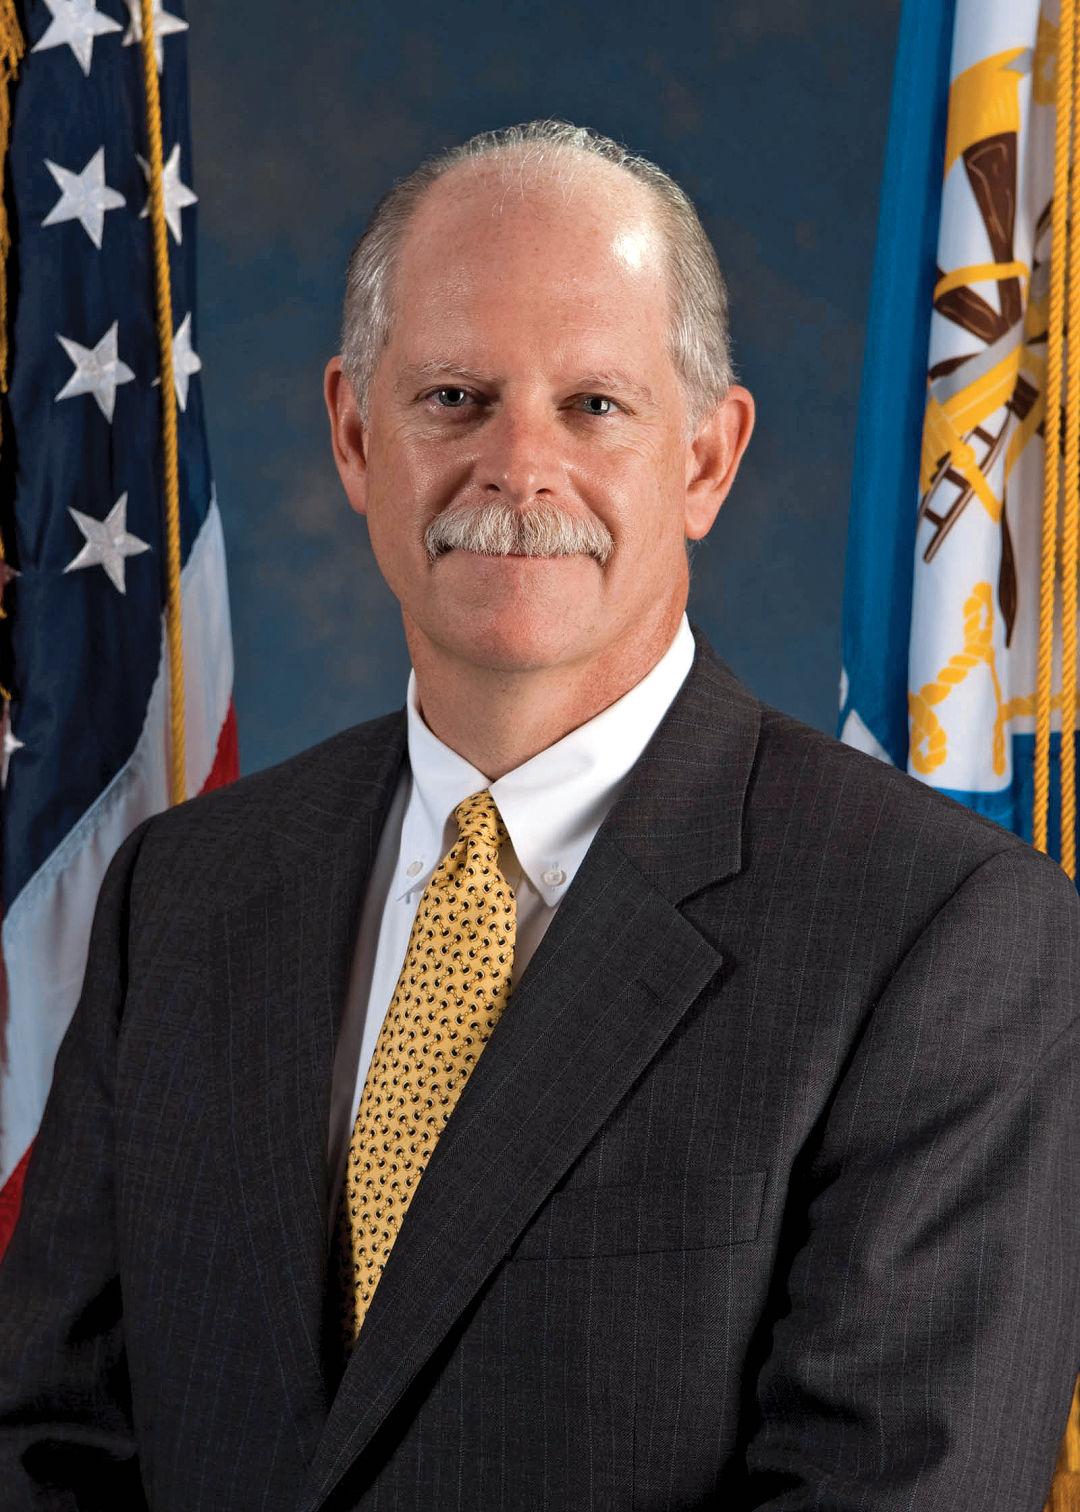 A portrait of Dr. David Persse.